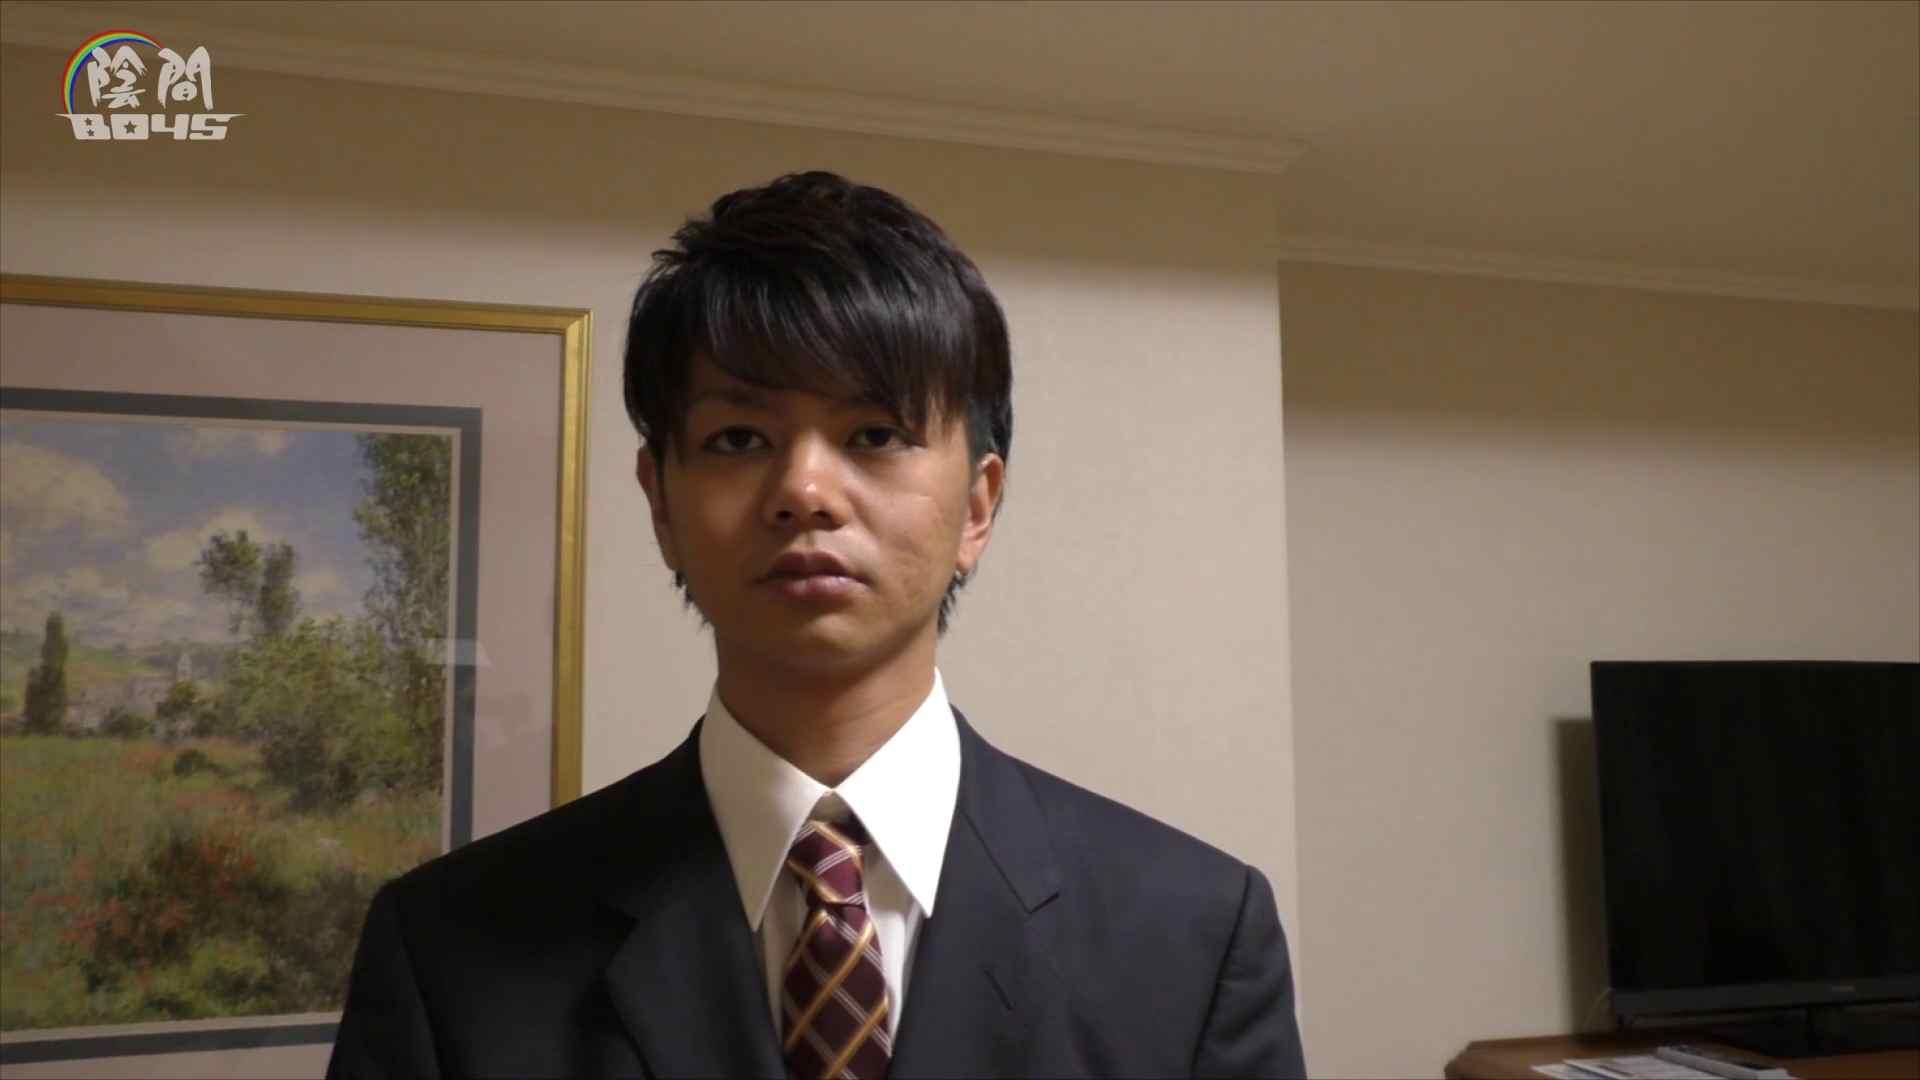 陰間BOYS~キャバクラの仕事はアナルから4 Vol.01 アナル ゲイザーメン画像 82枚 14